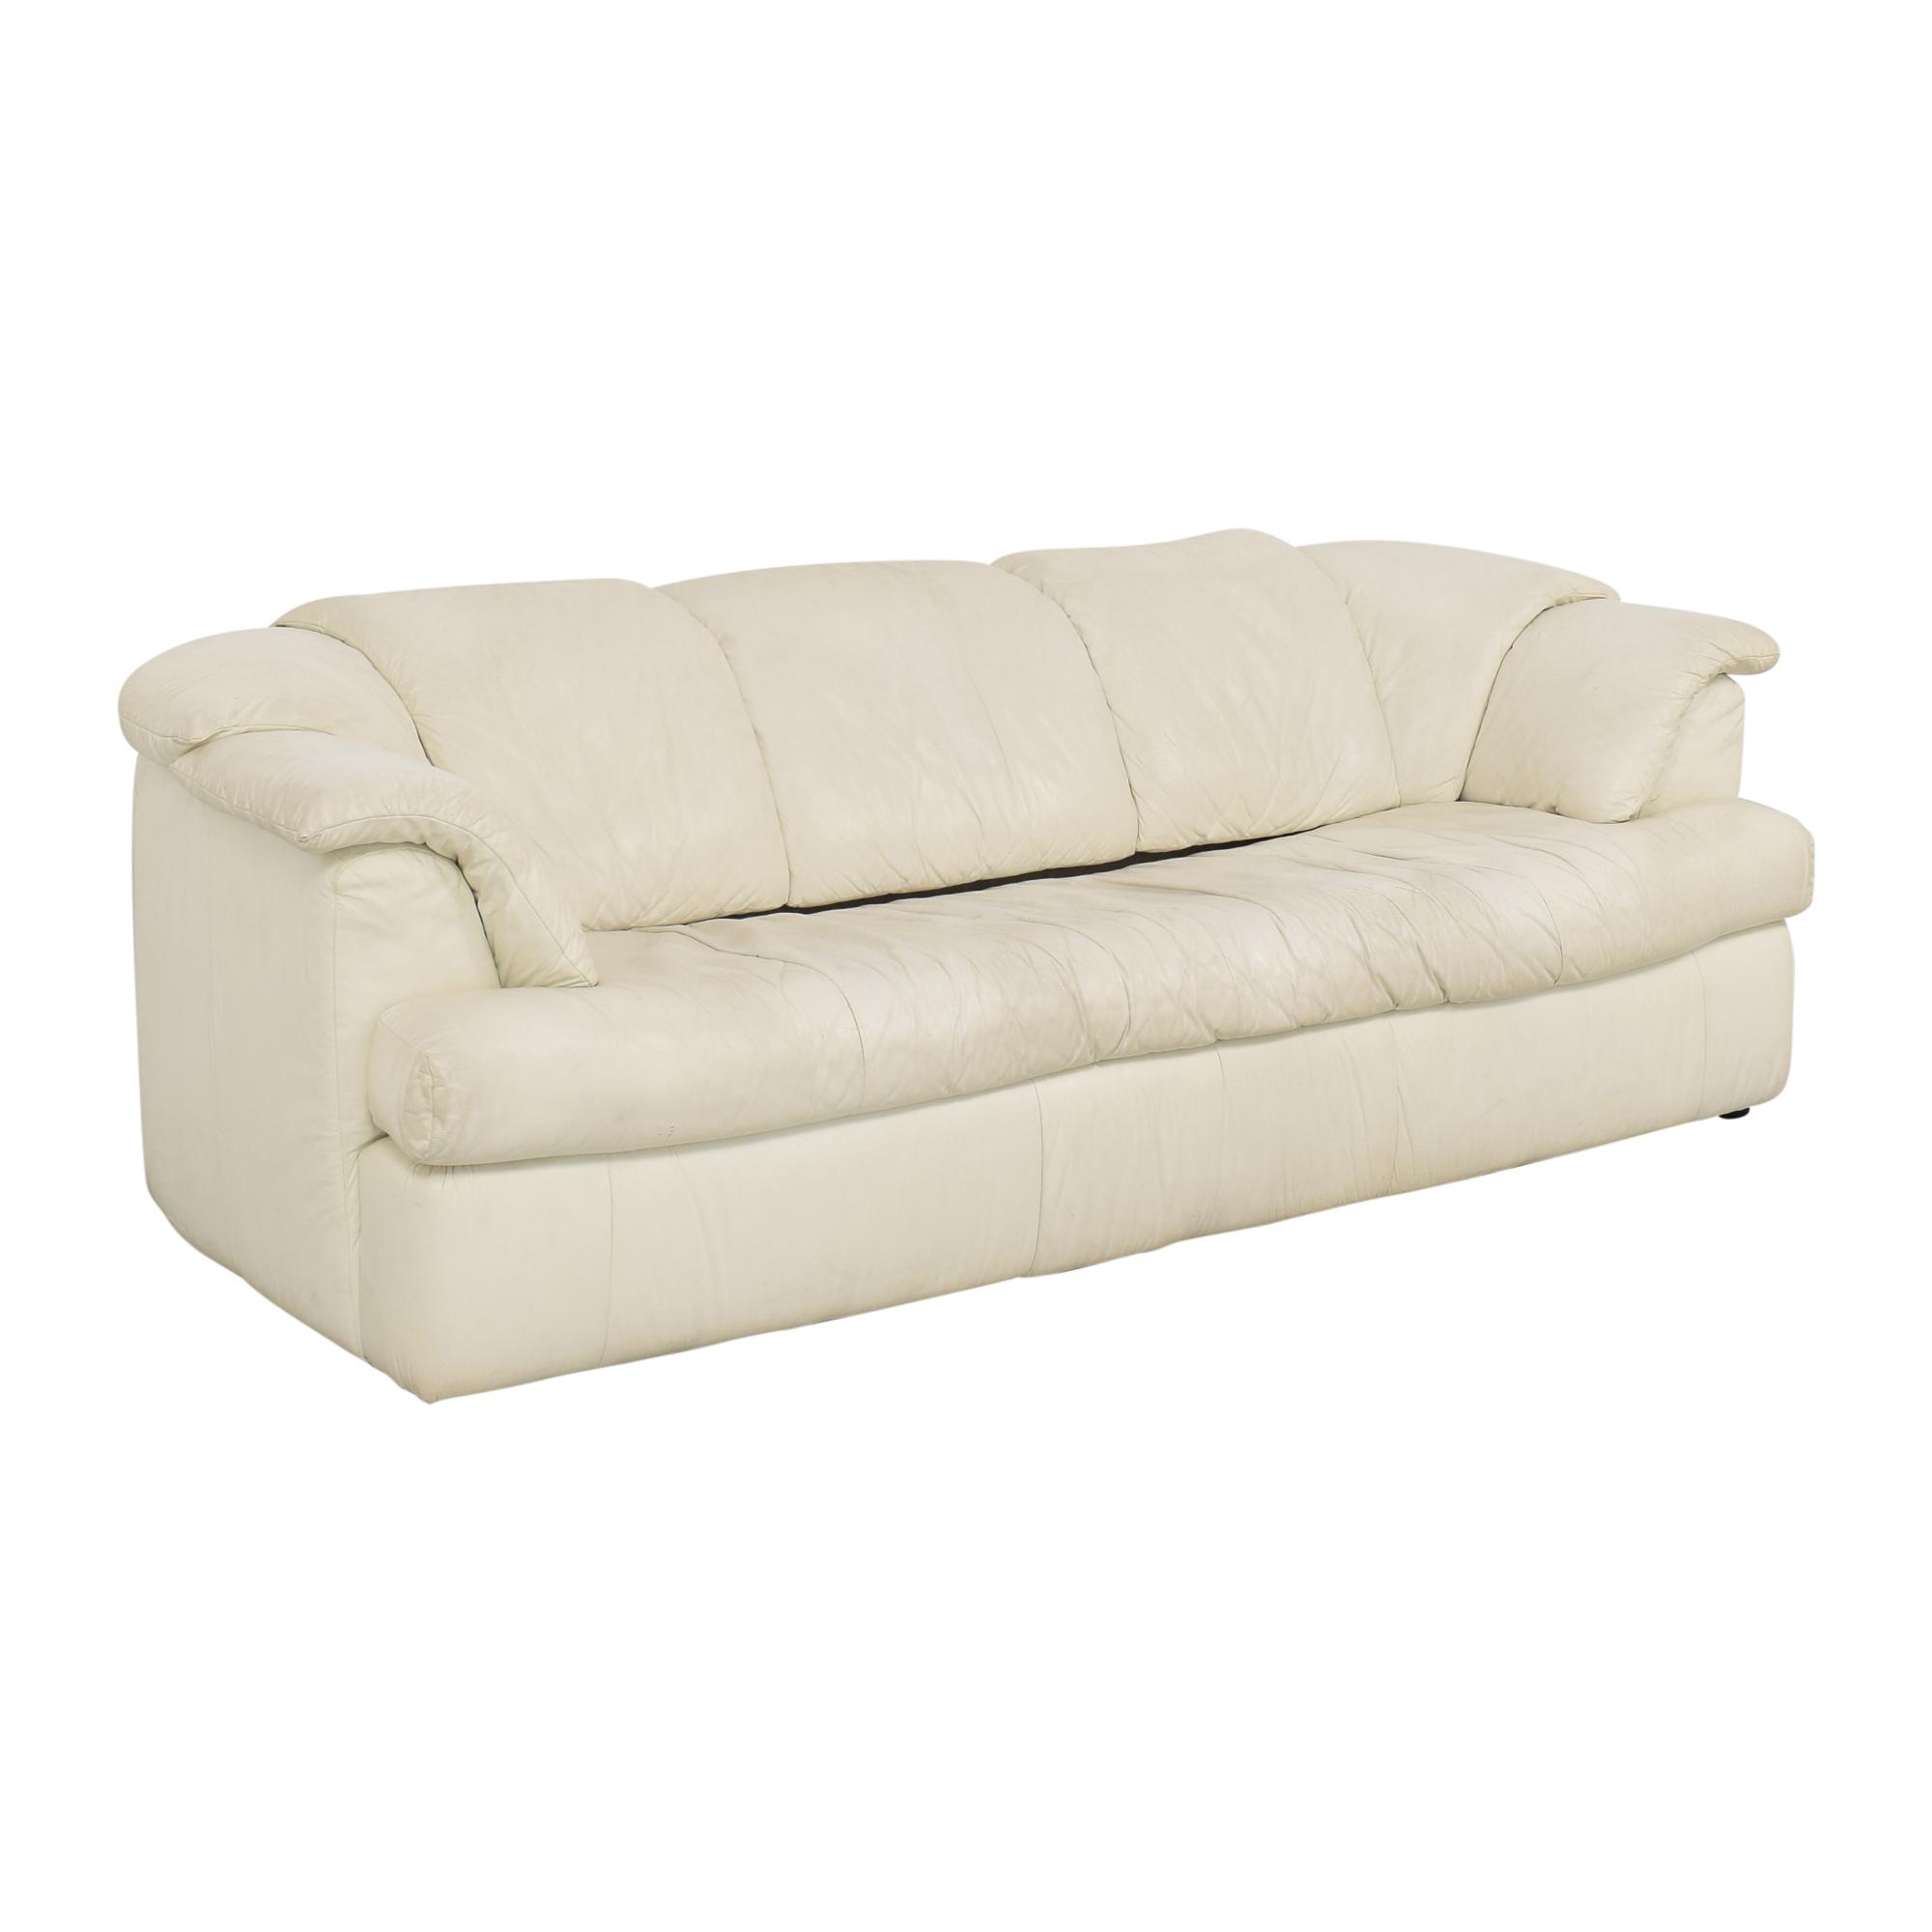 Natuzzi Natuzzi Queen Sofa Bed discount